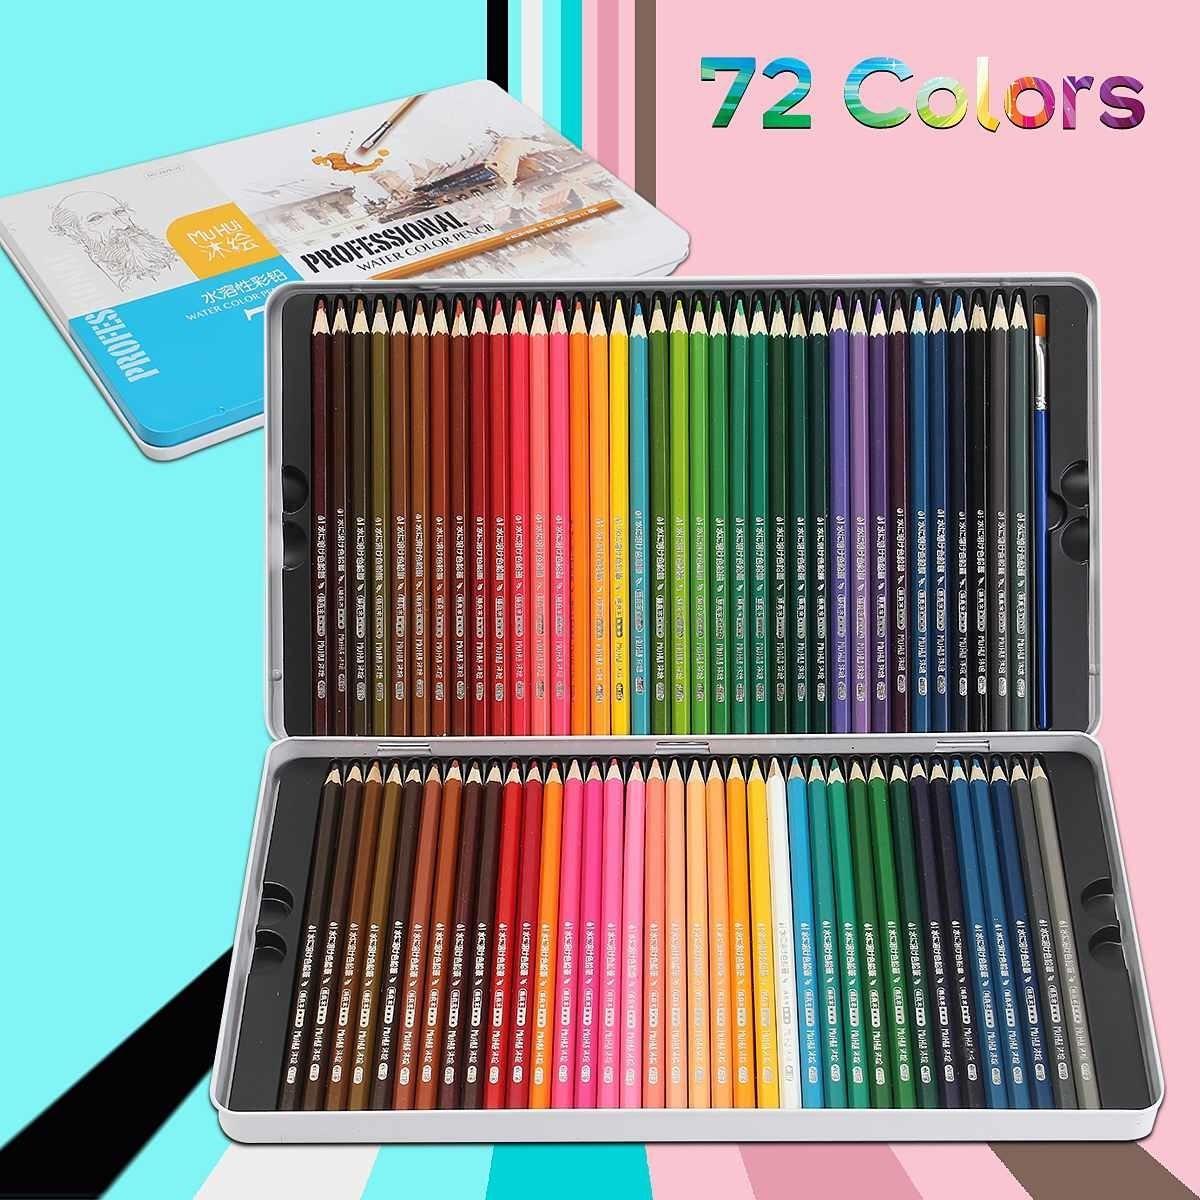 Buntstift Kunst Lapis de Cor 72 Kerne Profissional Buntstifte 72 Lapis Künstler Crayons Sketch Bleistifte Großhandel Y200709